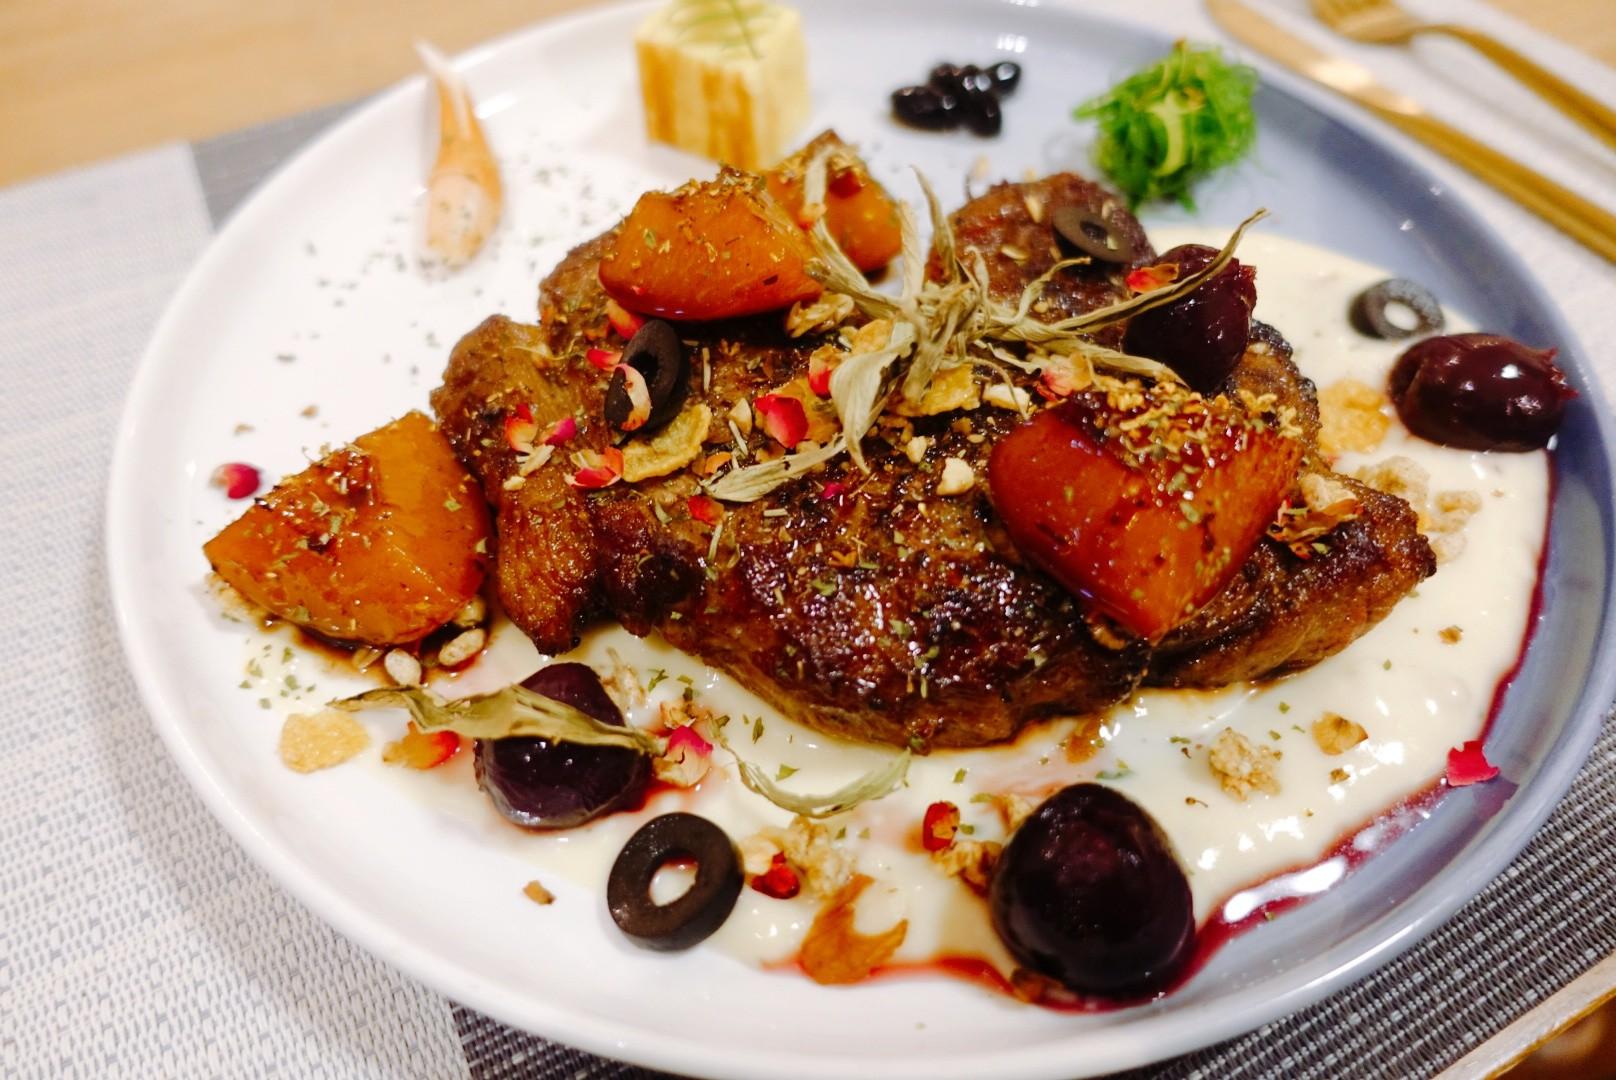 【花蓮吉安】春雨宮內法式禪風料理|享受貴族般的極致美味盛宴